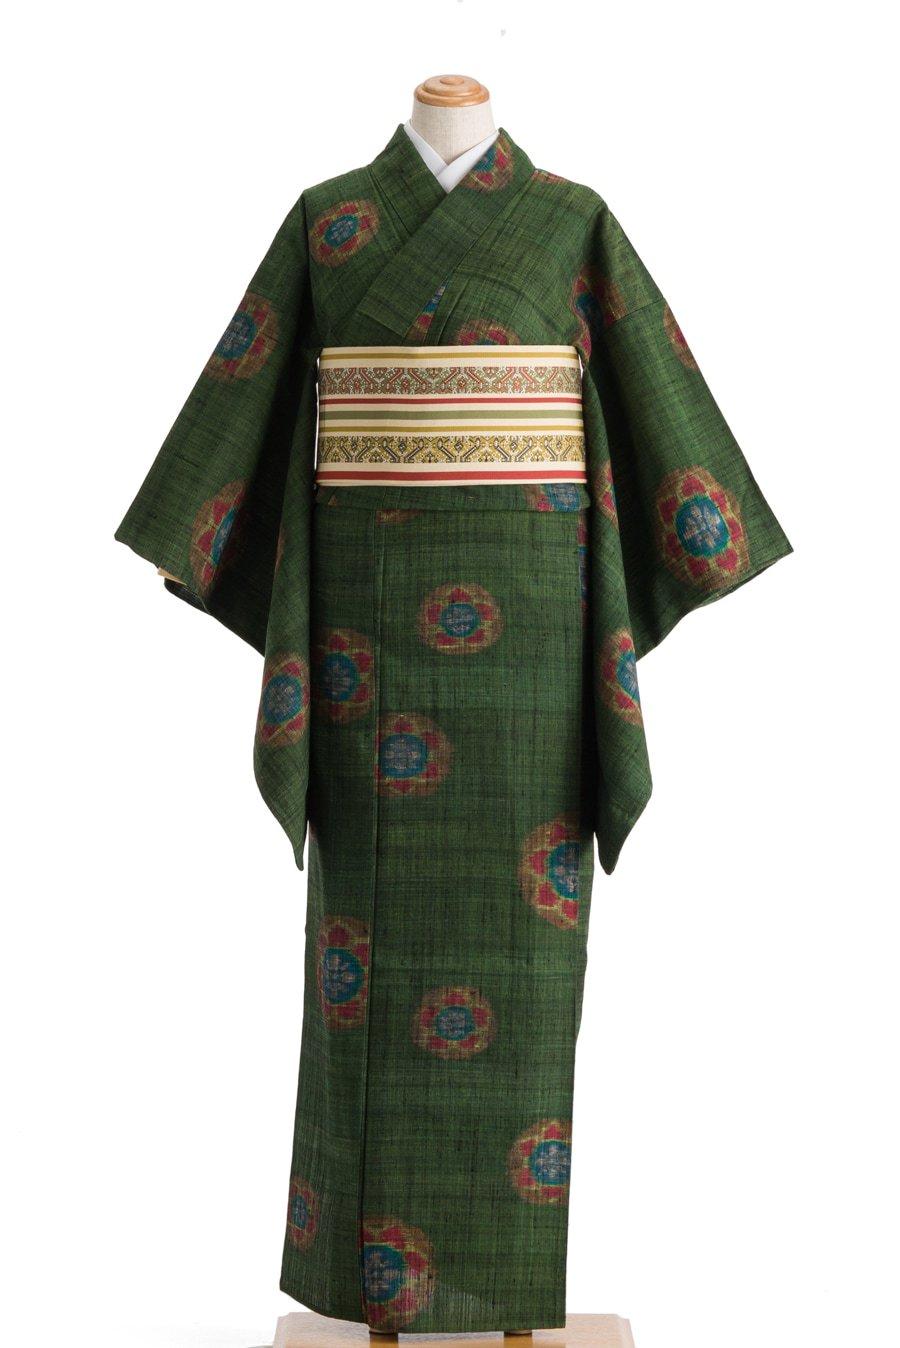 「単衣 セミアンティーク 花丸」の商品画像